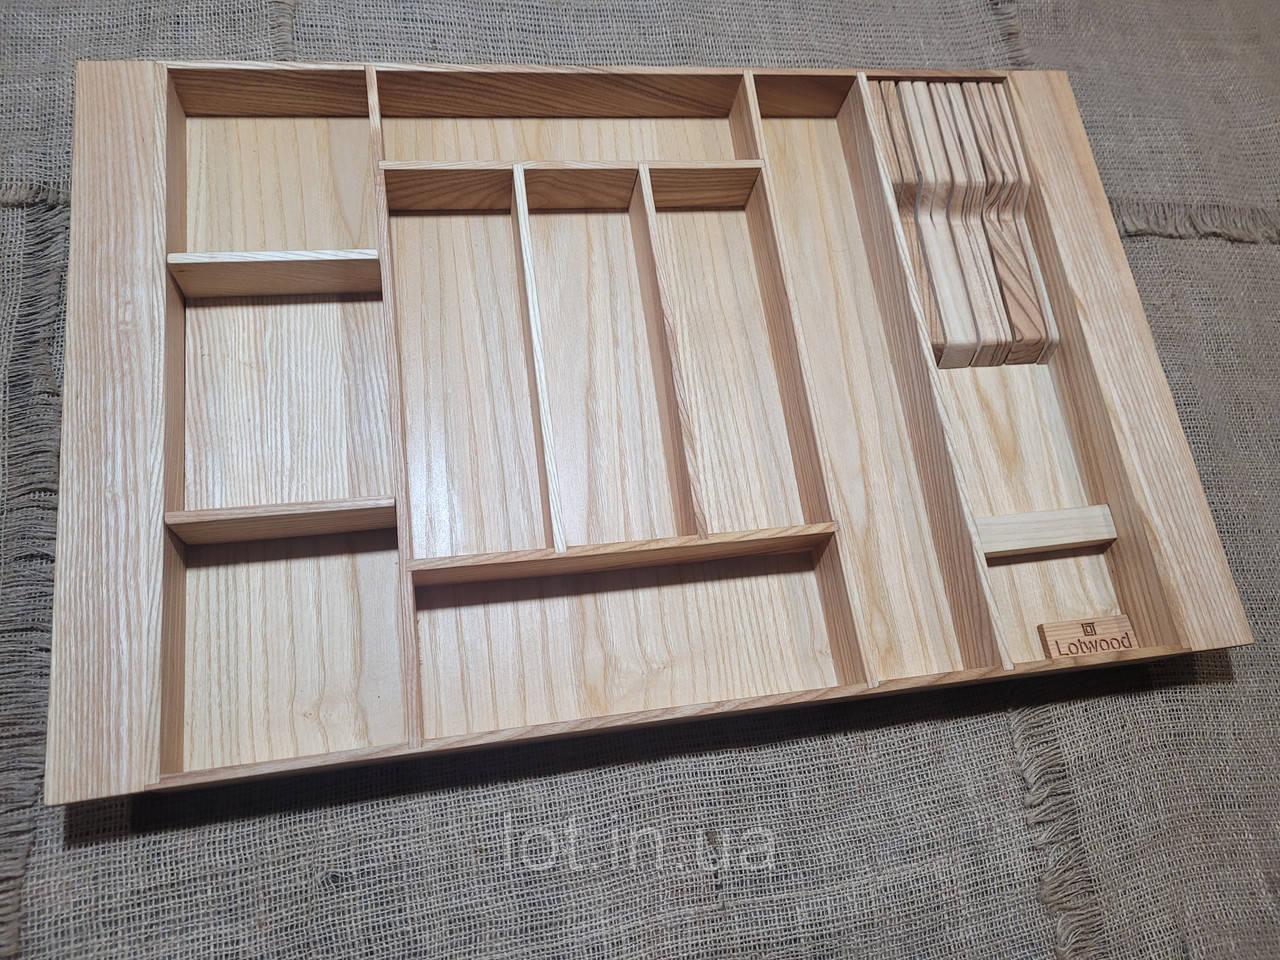 Лоток для столовых приборов LР8М1Т 609-700.450 ясень